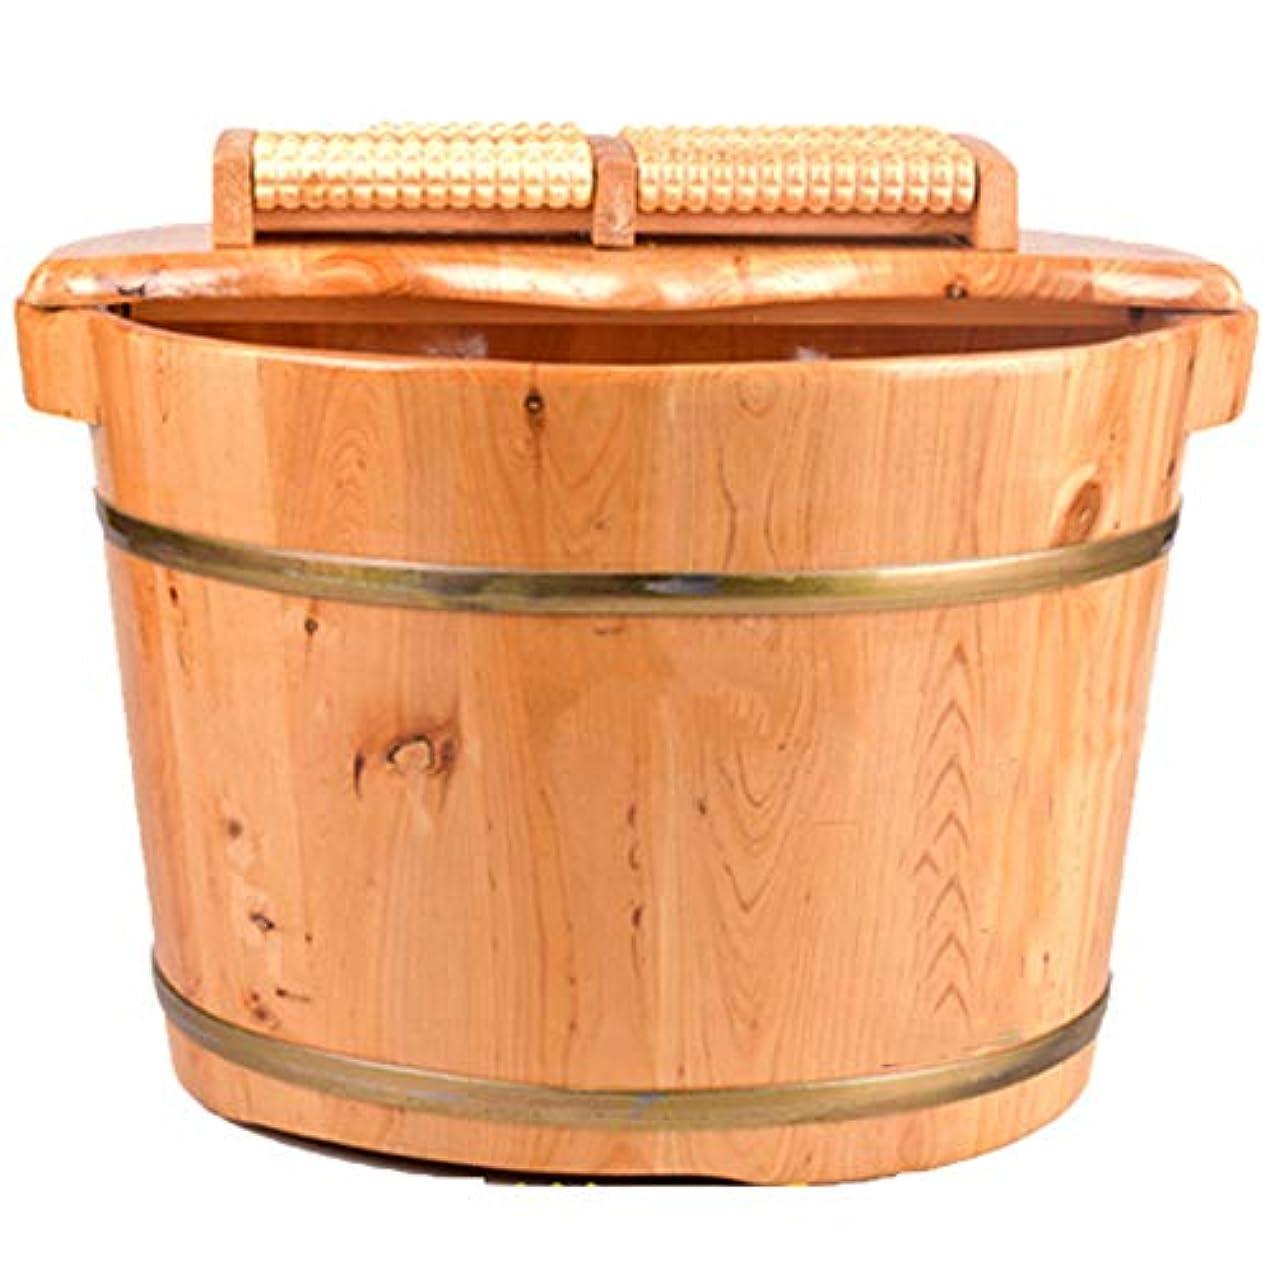 誰操作可能電極ペディキュア盆地,軽量の木製家庭の木製の樽の足湯バスソリッドウッドの木管大人のトランペット